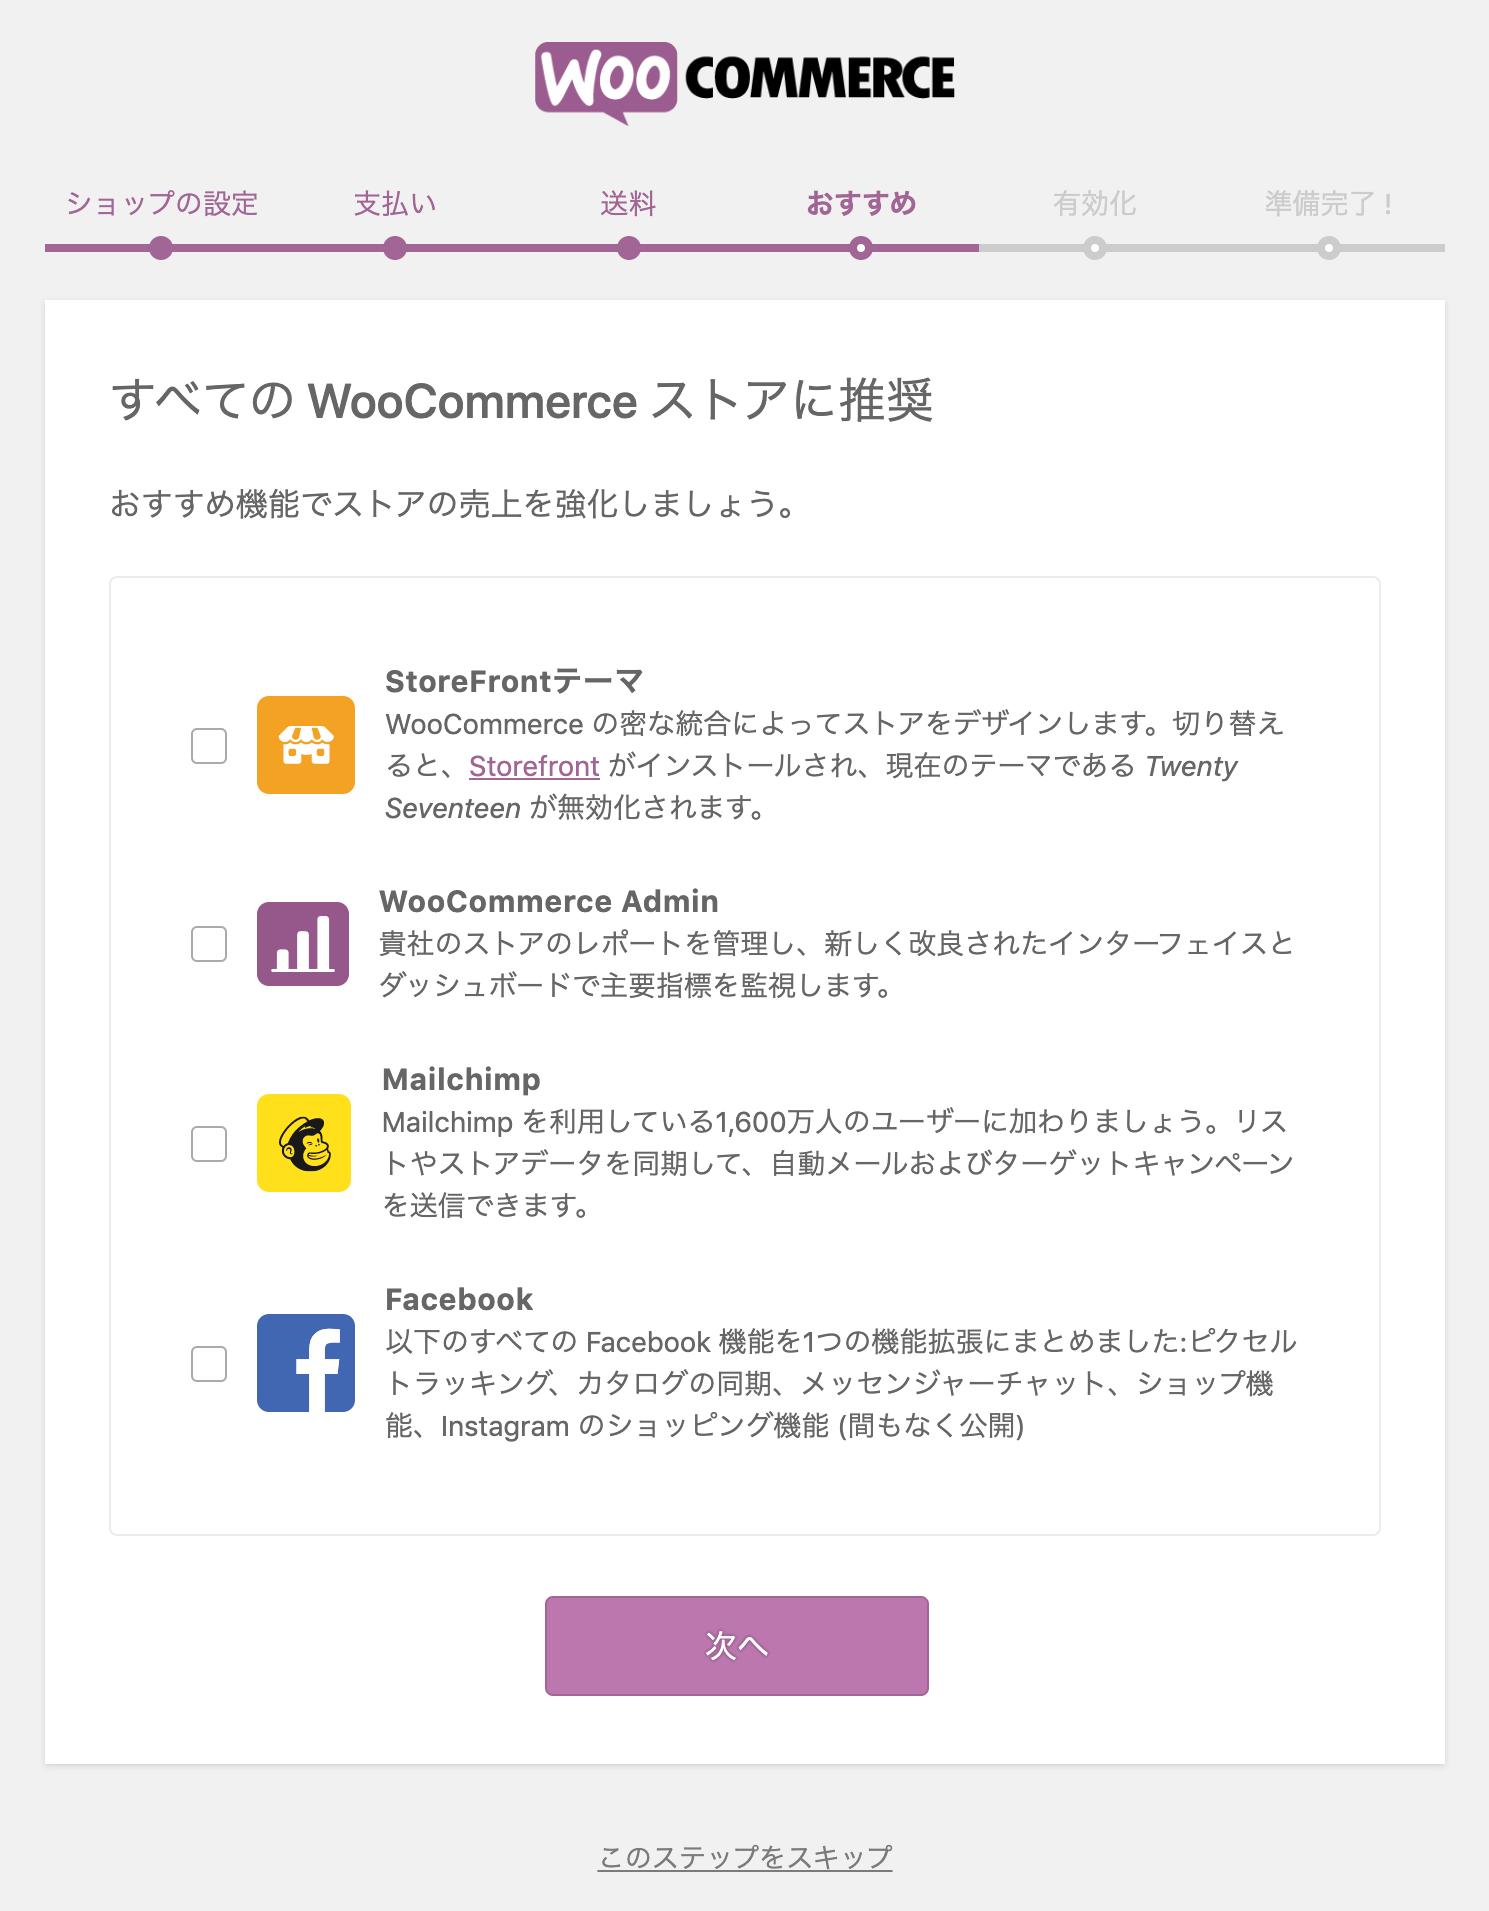 WooCommerce 関連プラグインの設定